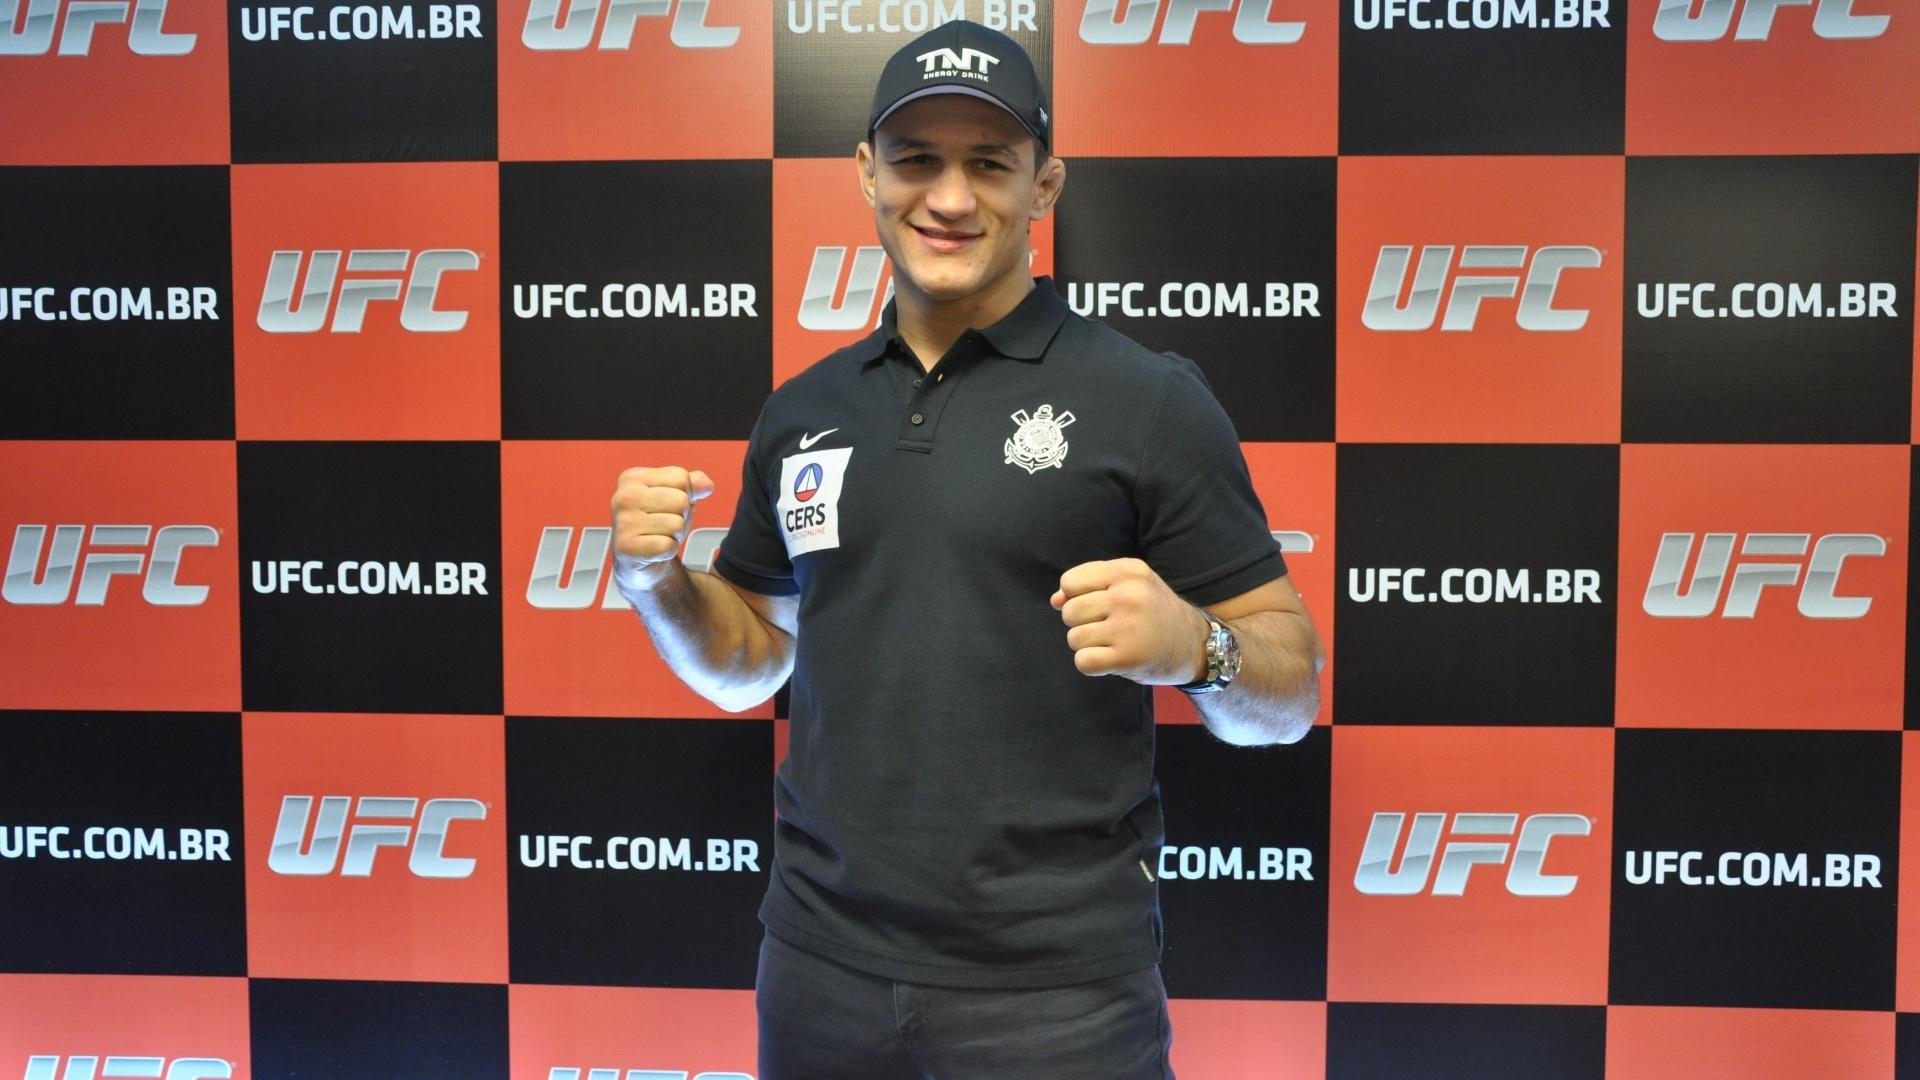 Junior Cigano deu coletiva em 15 de abril para divulgar luta pelo TUF Brasil 3. Brasileiro enfrentará Stipe Miocic, que acontece no dia 31 de maio, no Ibirapuera